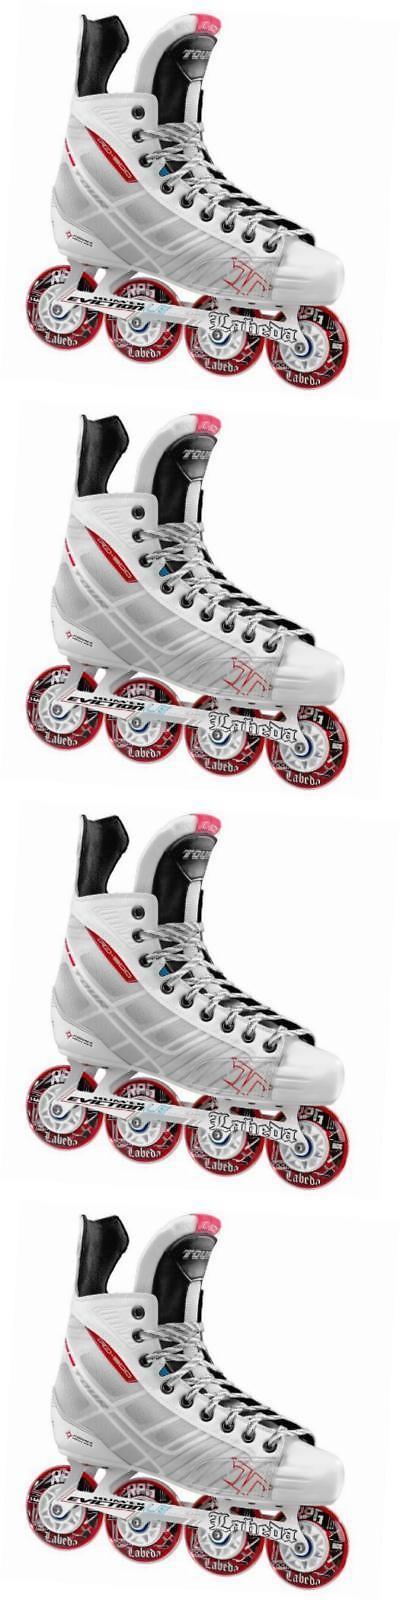 Roller Hockey 64669: Bonelite 500 Inline Hockey Skate, White, 4 -> BUY IT NOW ONLY: $301.29 on eBay!